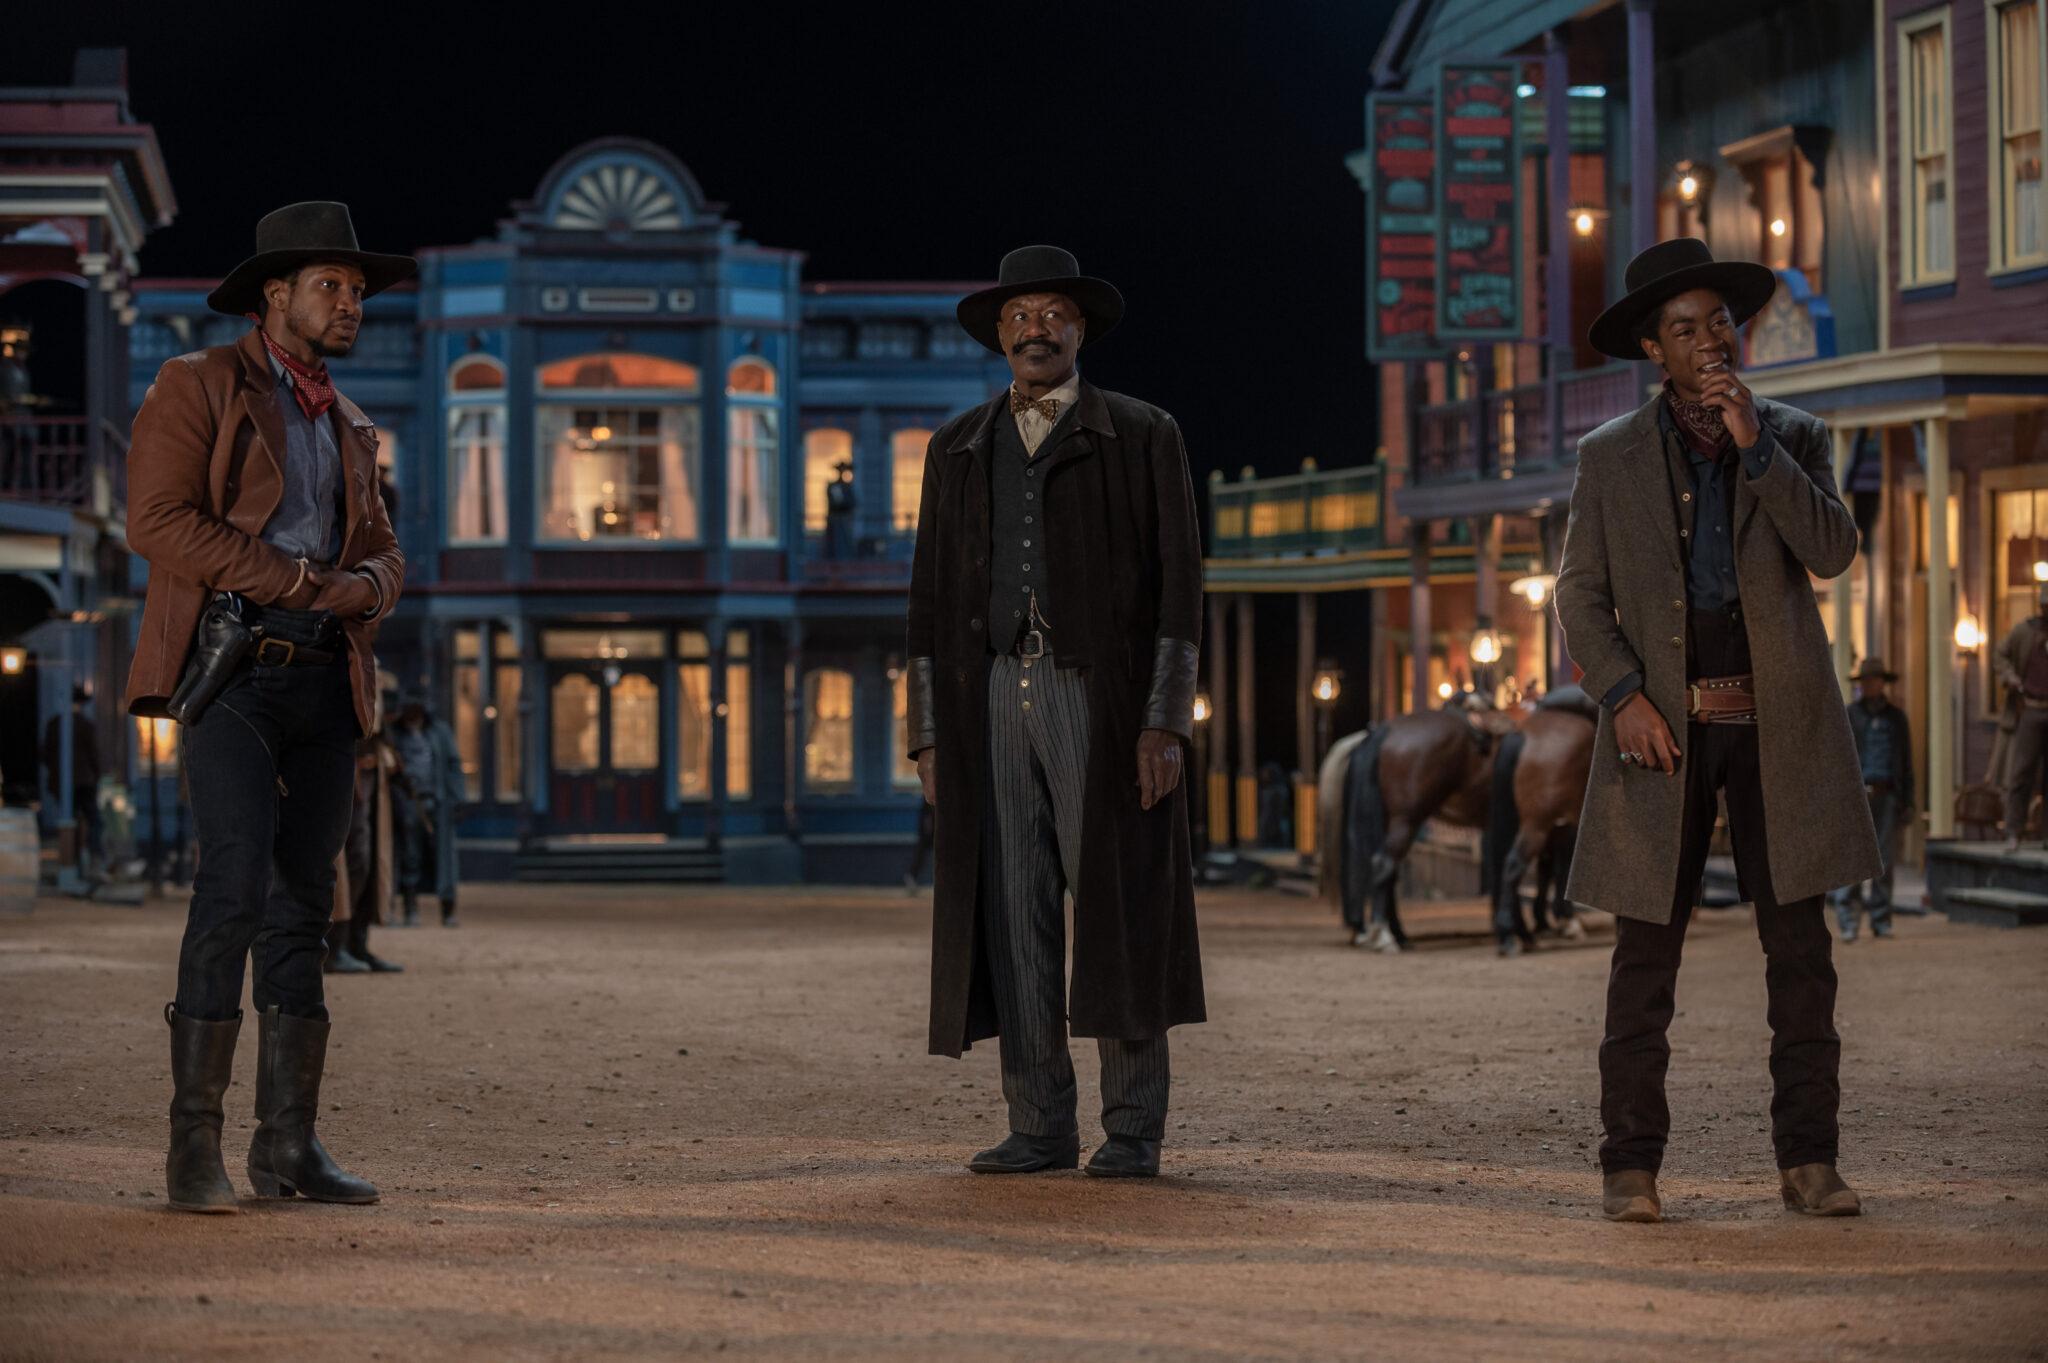 Drei dunkelhäutige Cowboys in einer Westernstadt. Alle tragen schwarze Hüte.